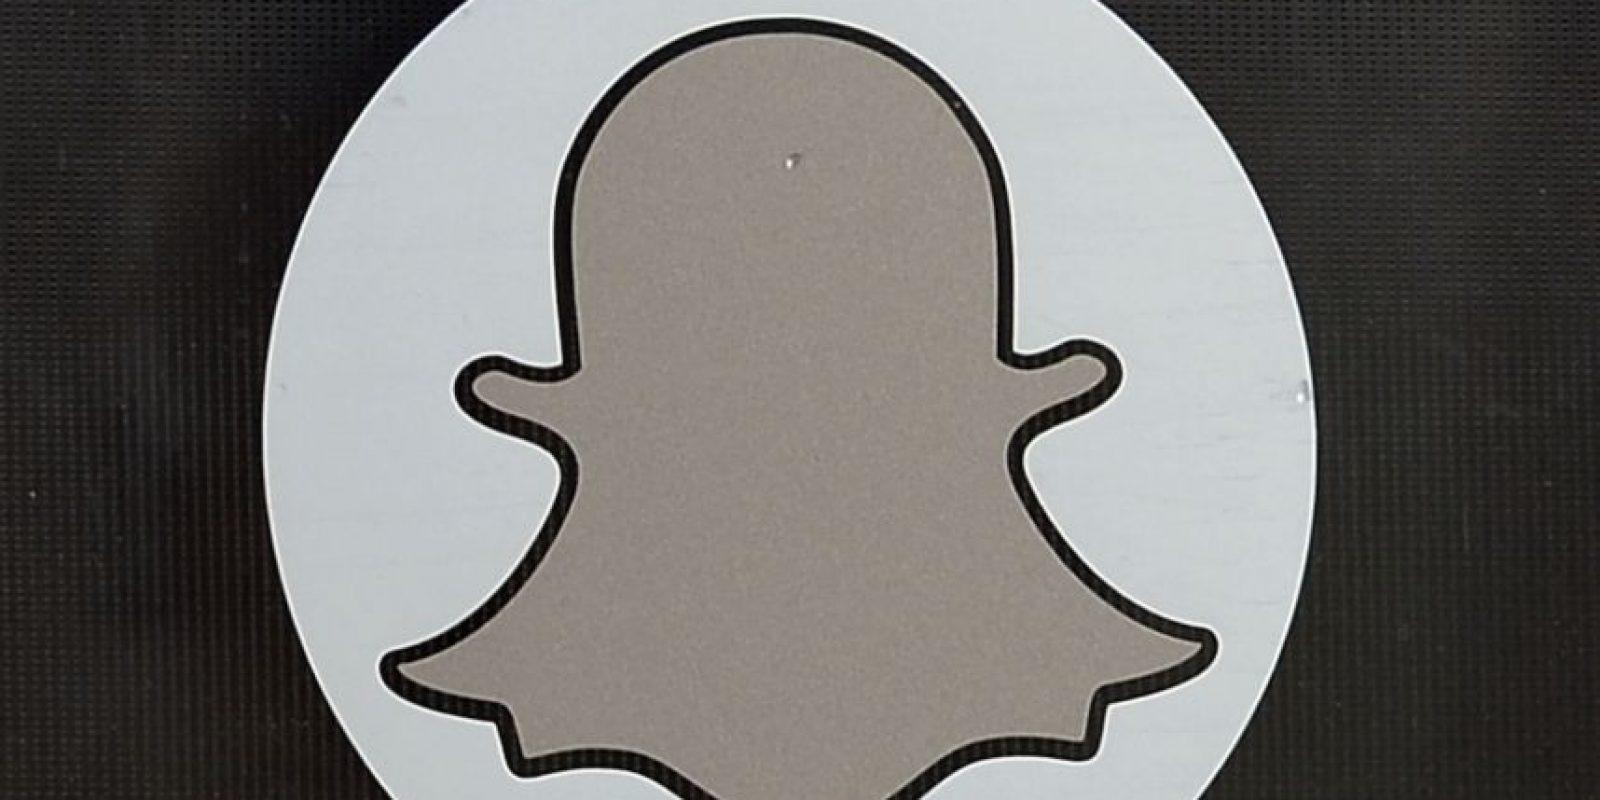 Dentro de su corta vida, Snapchat ha tenido muchos escándalos. Foto:Getty